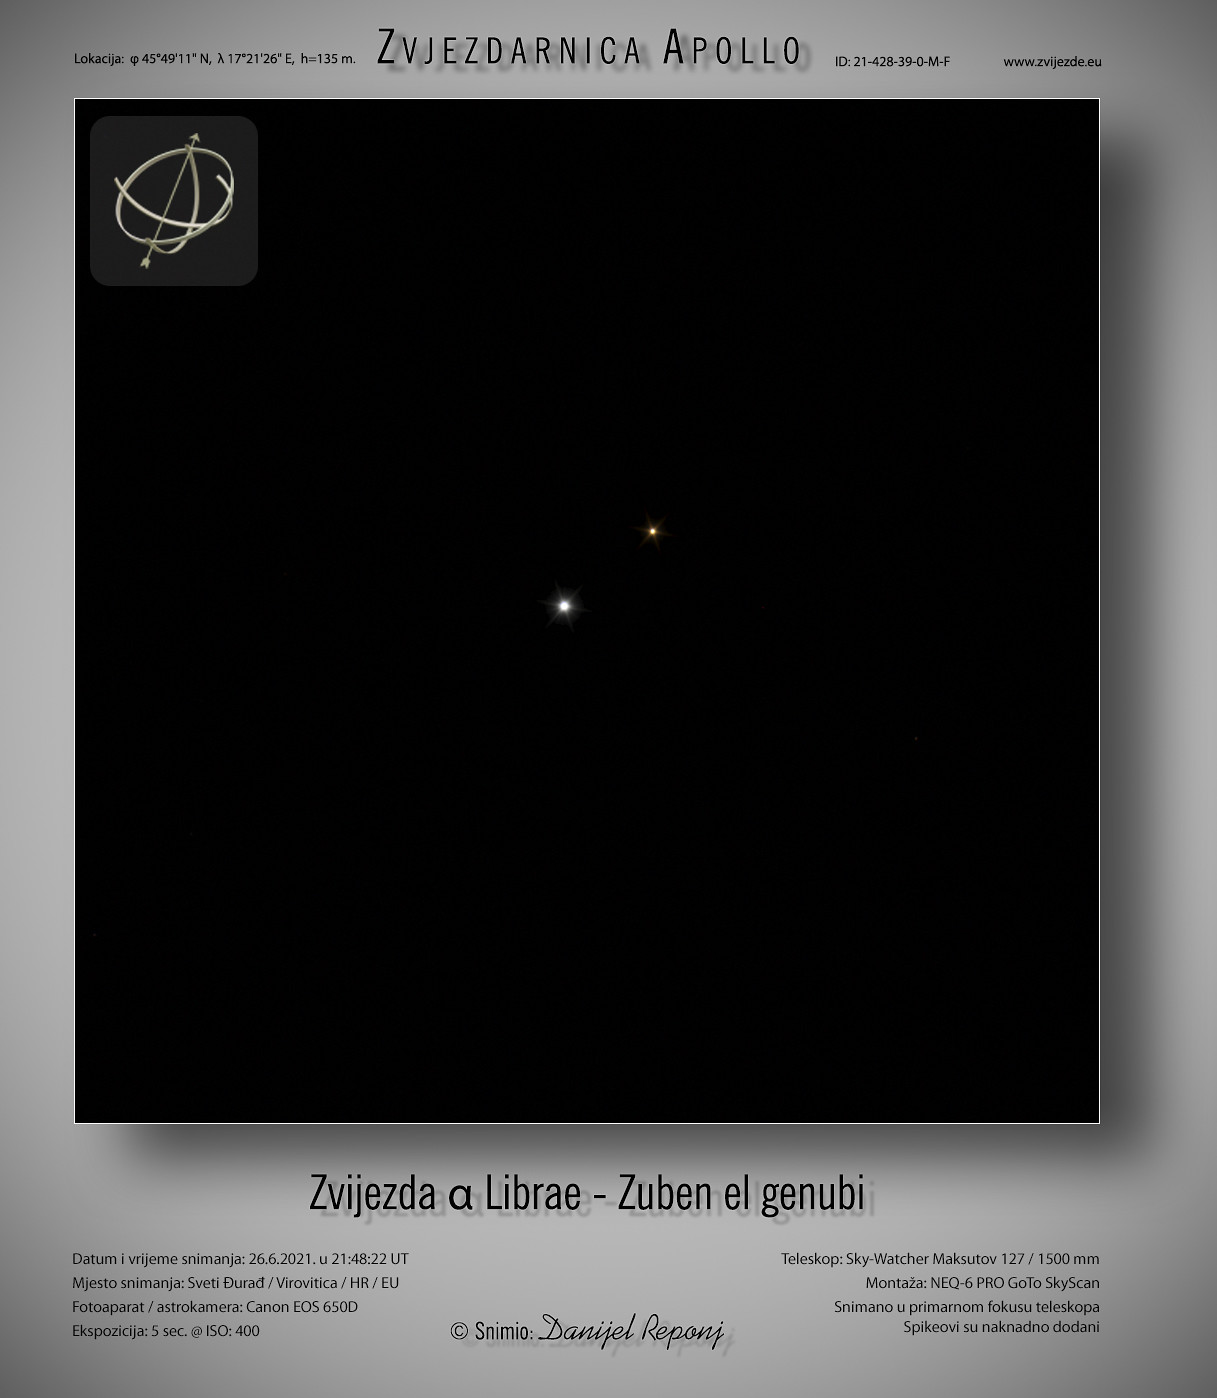 Zvijezda α Librae - Zuben el genubi, 26.6.2021.